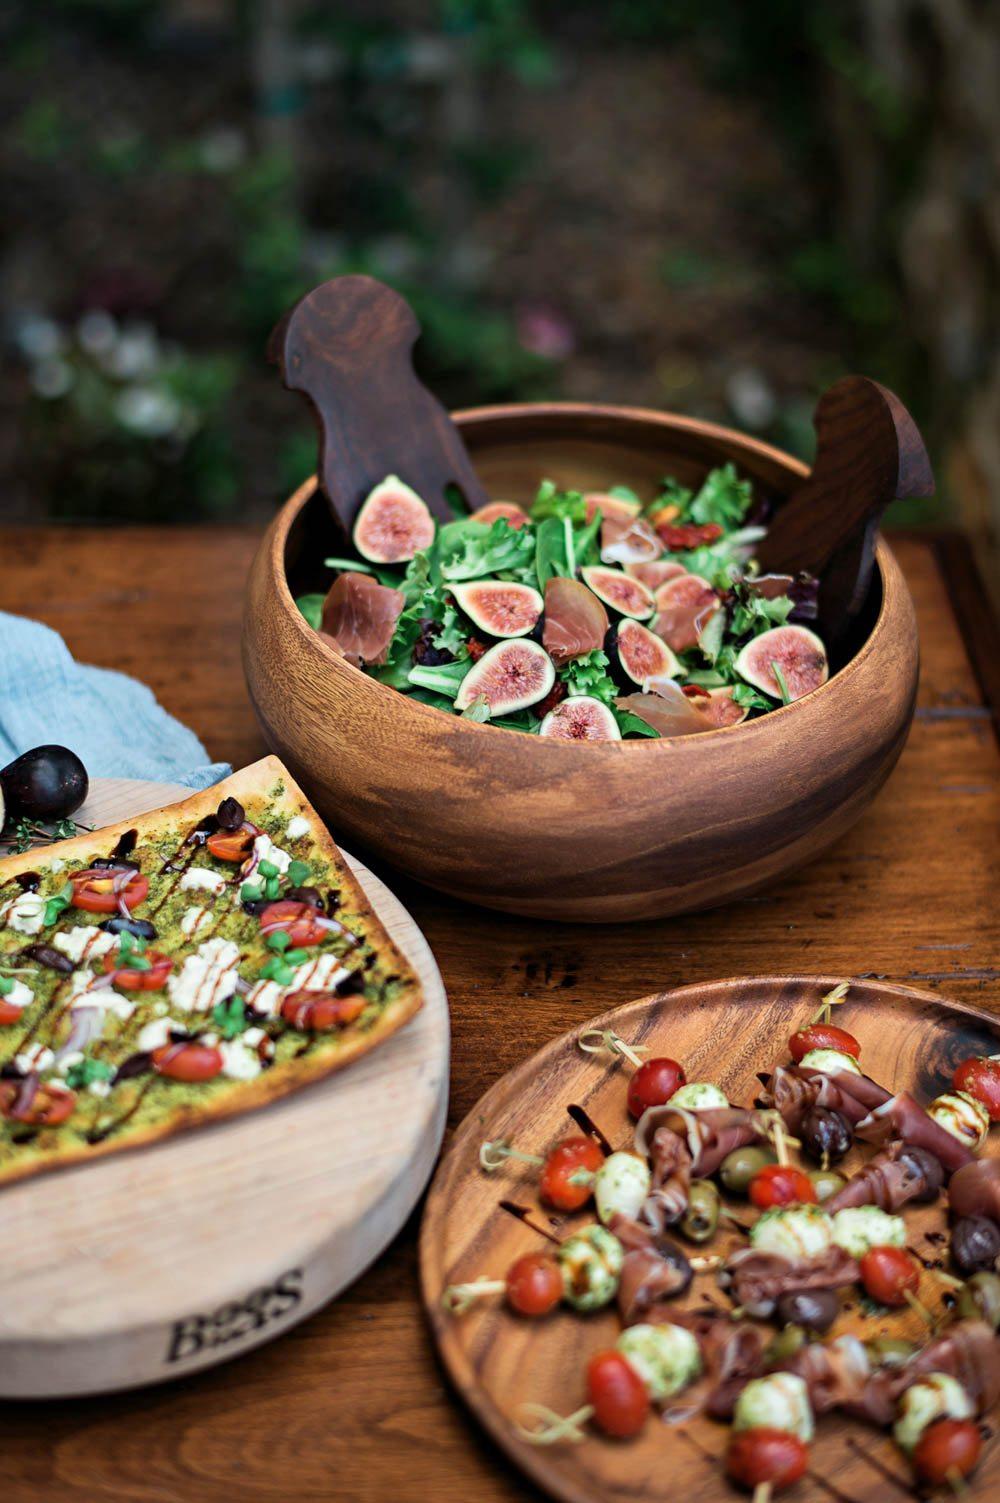 salad flatbread pizza and kabob italian wedding food